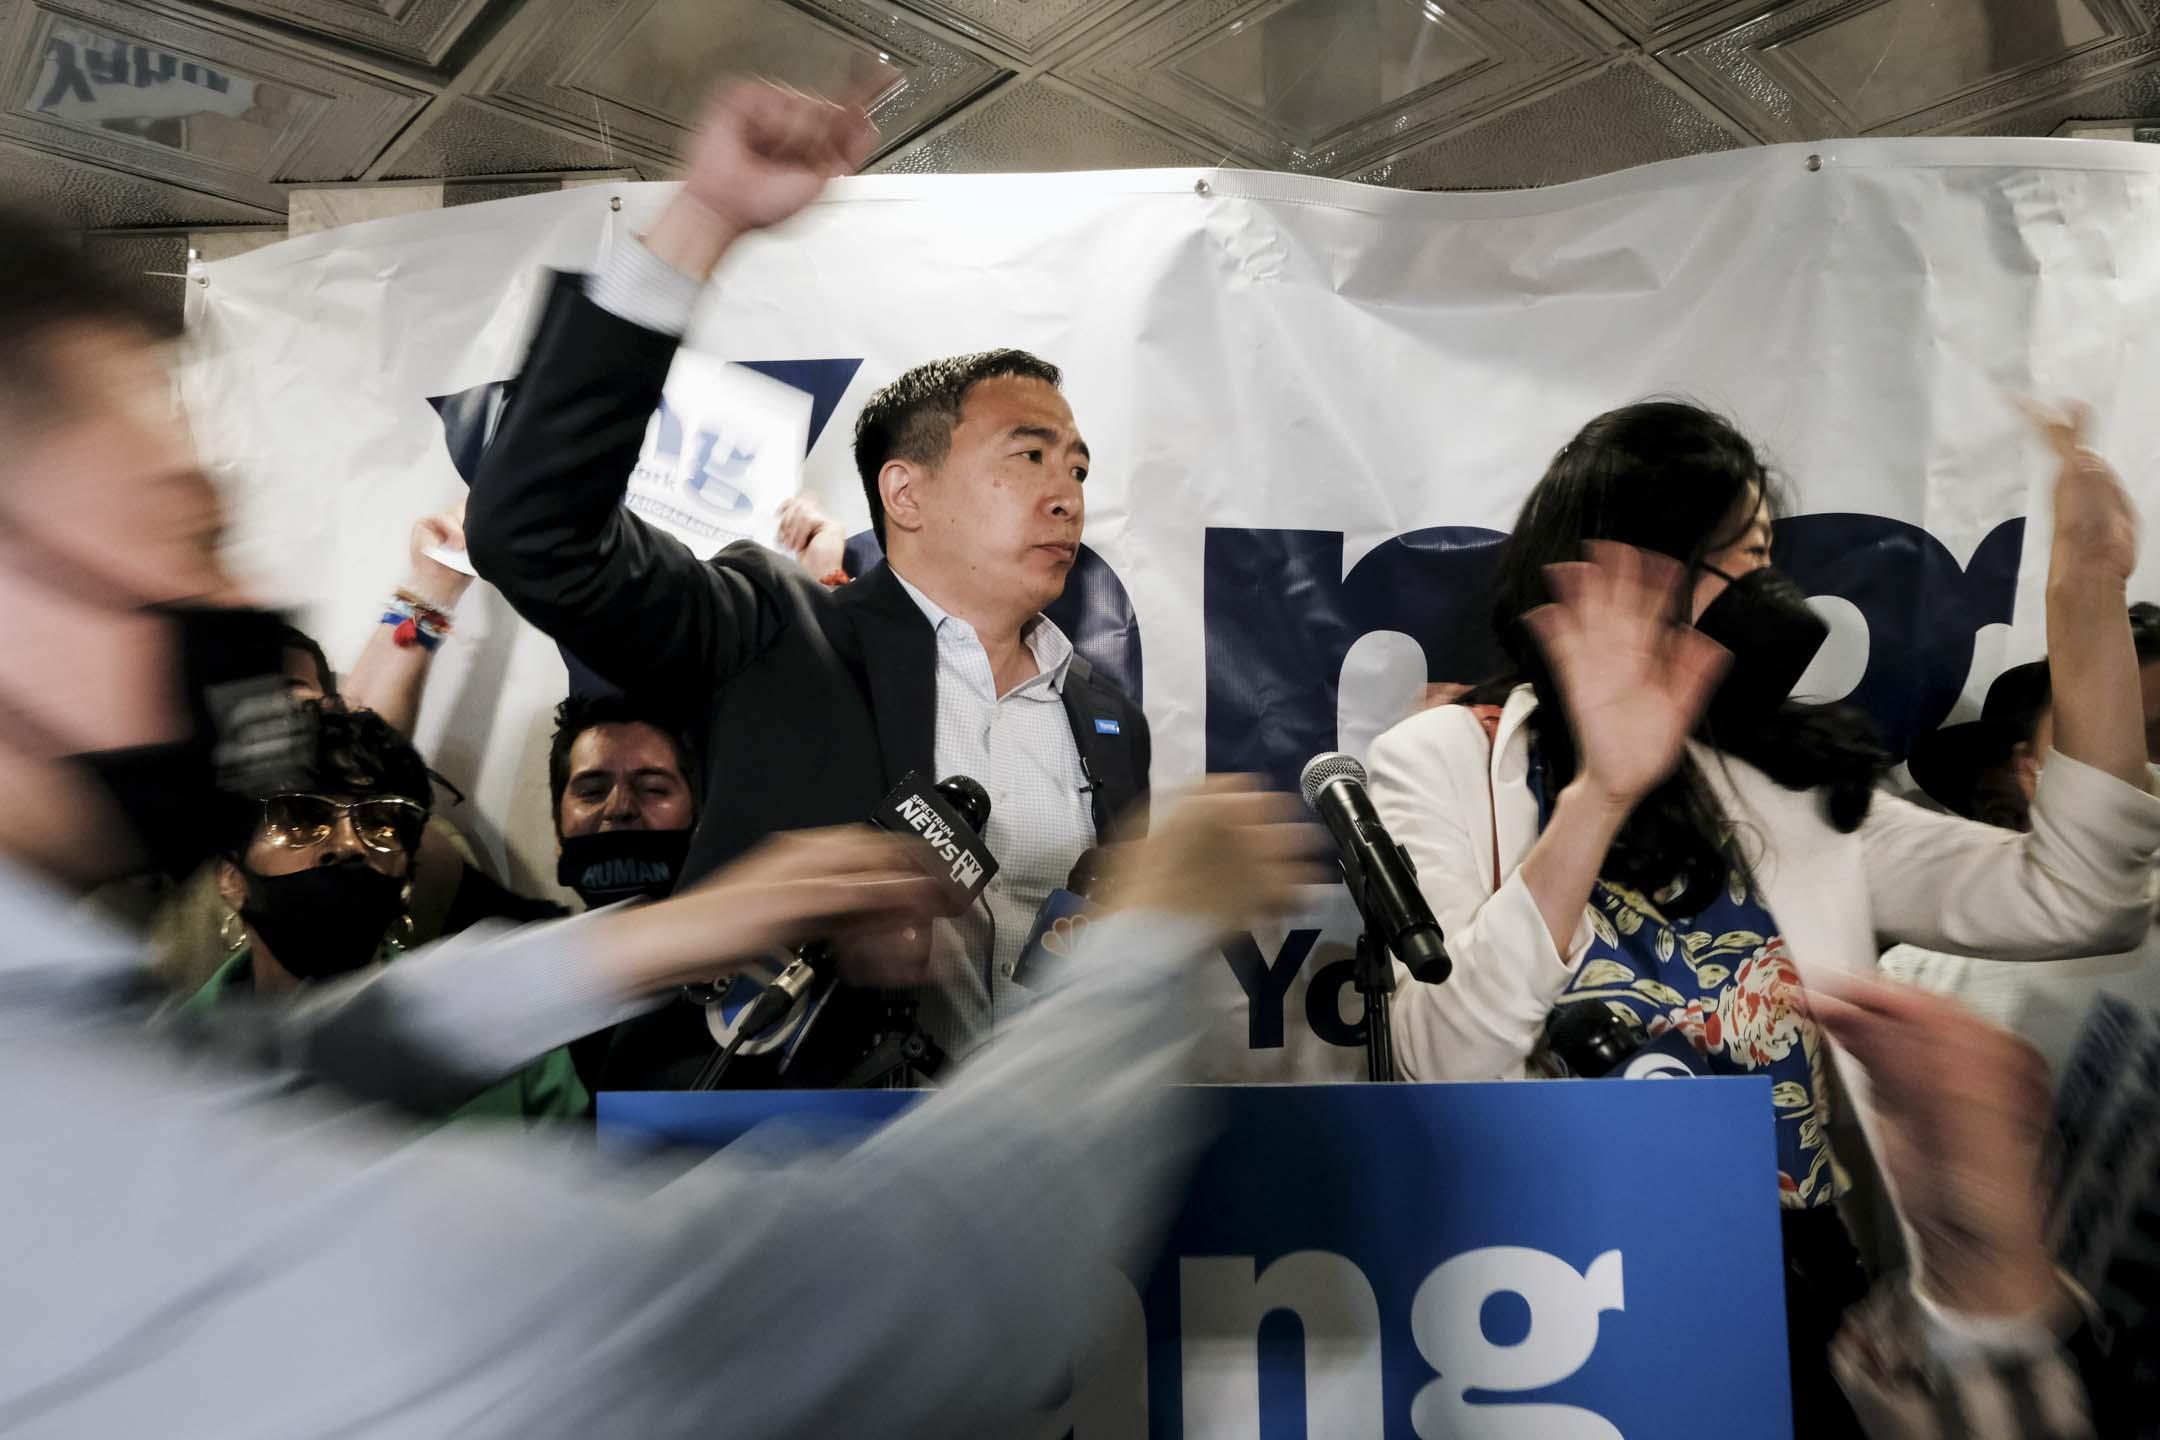 2021年6月1日紐約,紐約市市長候選人楊安澤與他的妻子盧艾玲於新競選辦公室開幕時與支持者交談。 攝:Spencer Platt/Getty Images